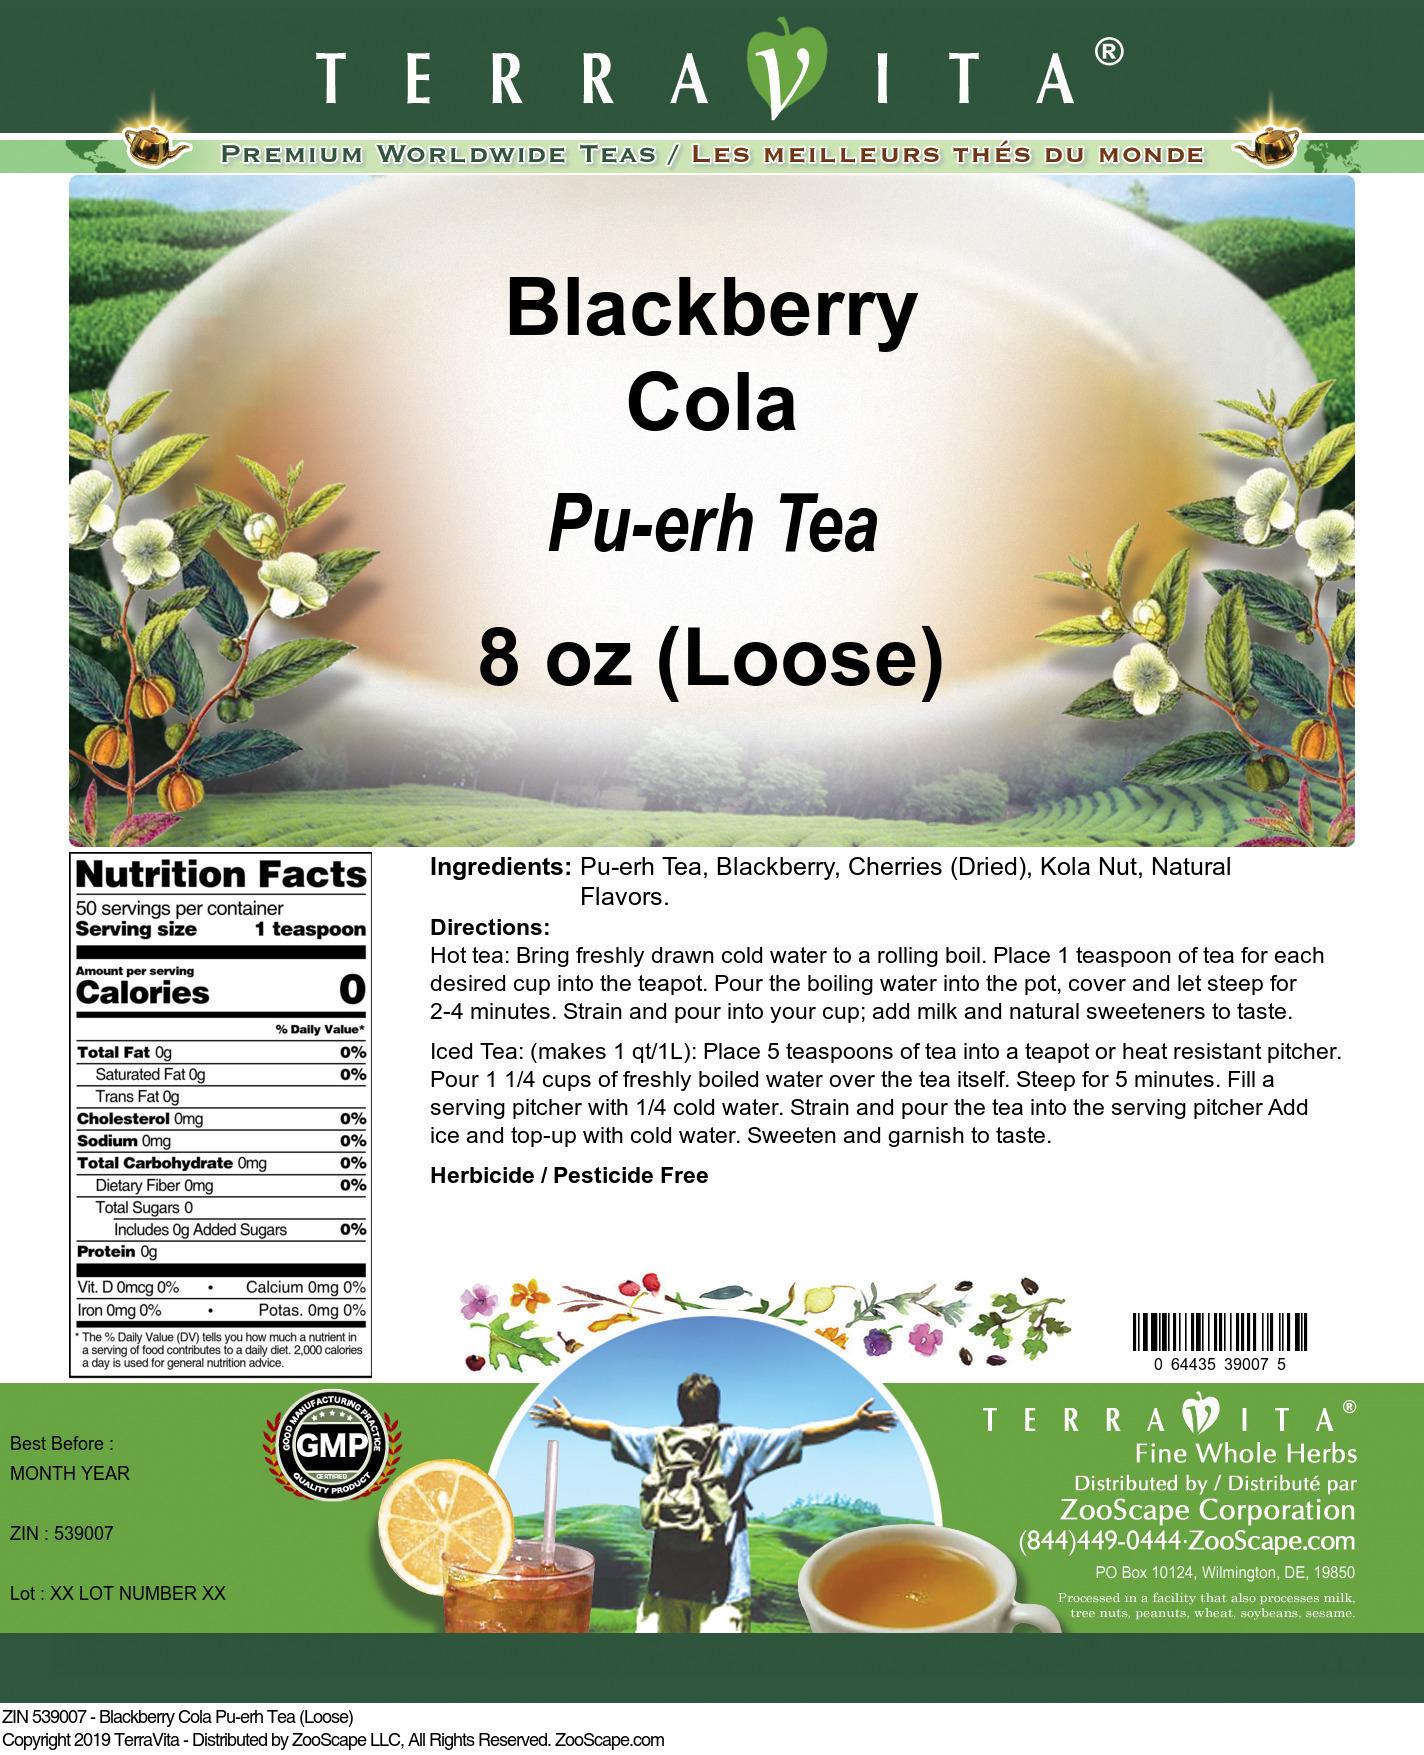 Blackberry Cola Pu-erh Tea (Loose)